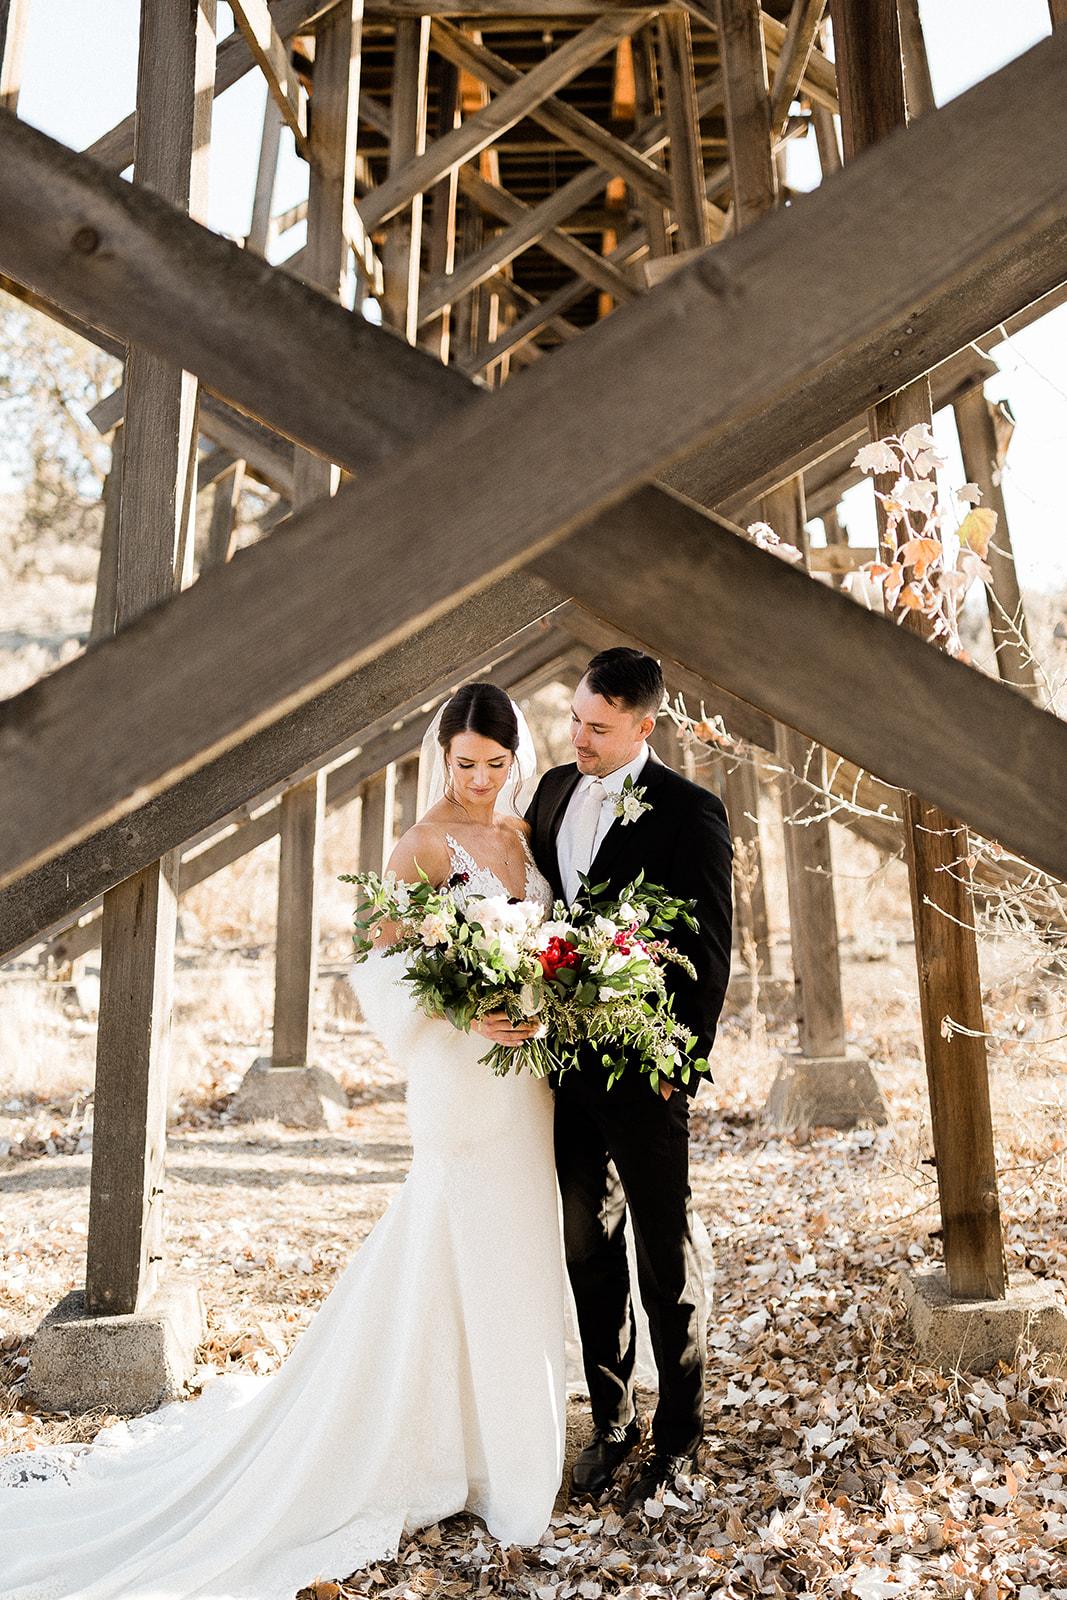 Jen_Ian-Wedding-Gallivan-Photo-258.jpg